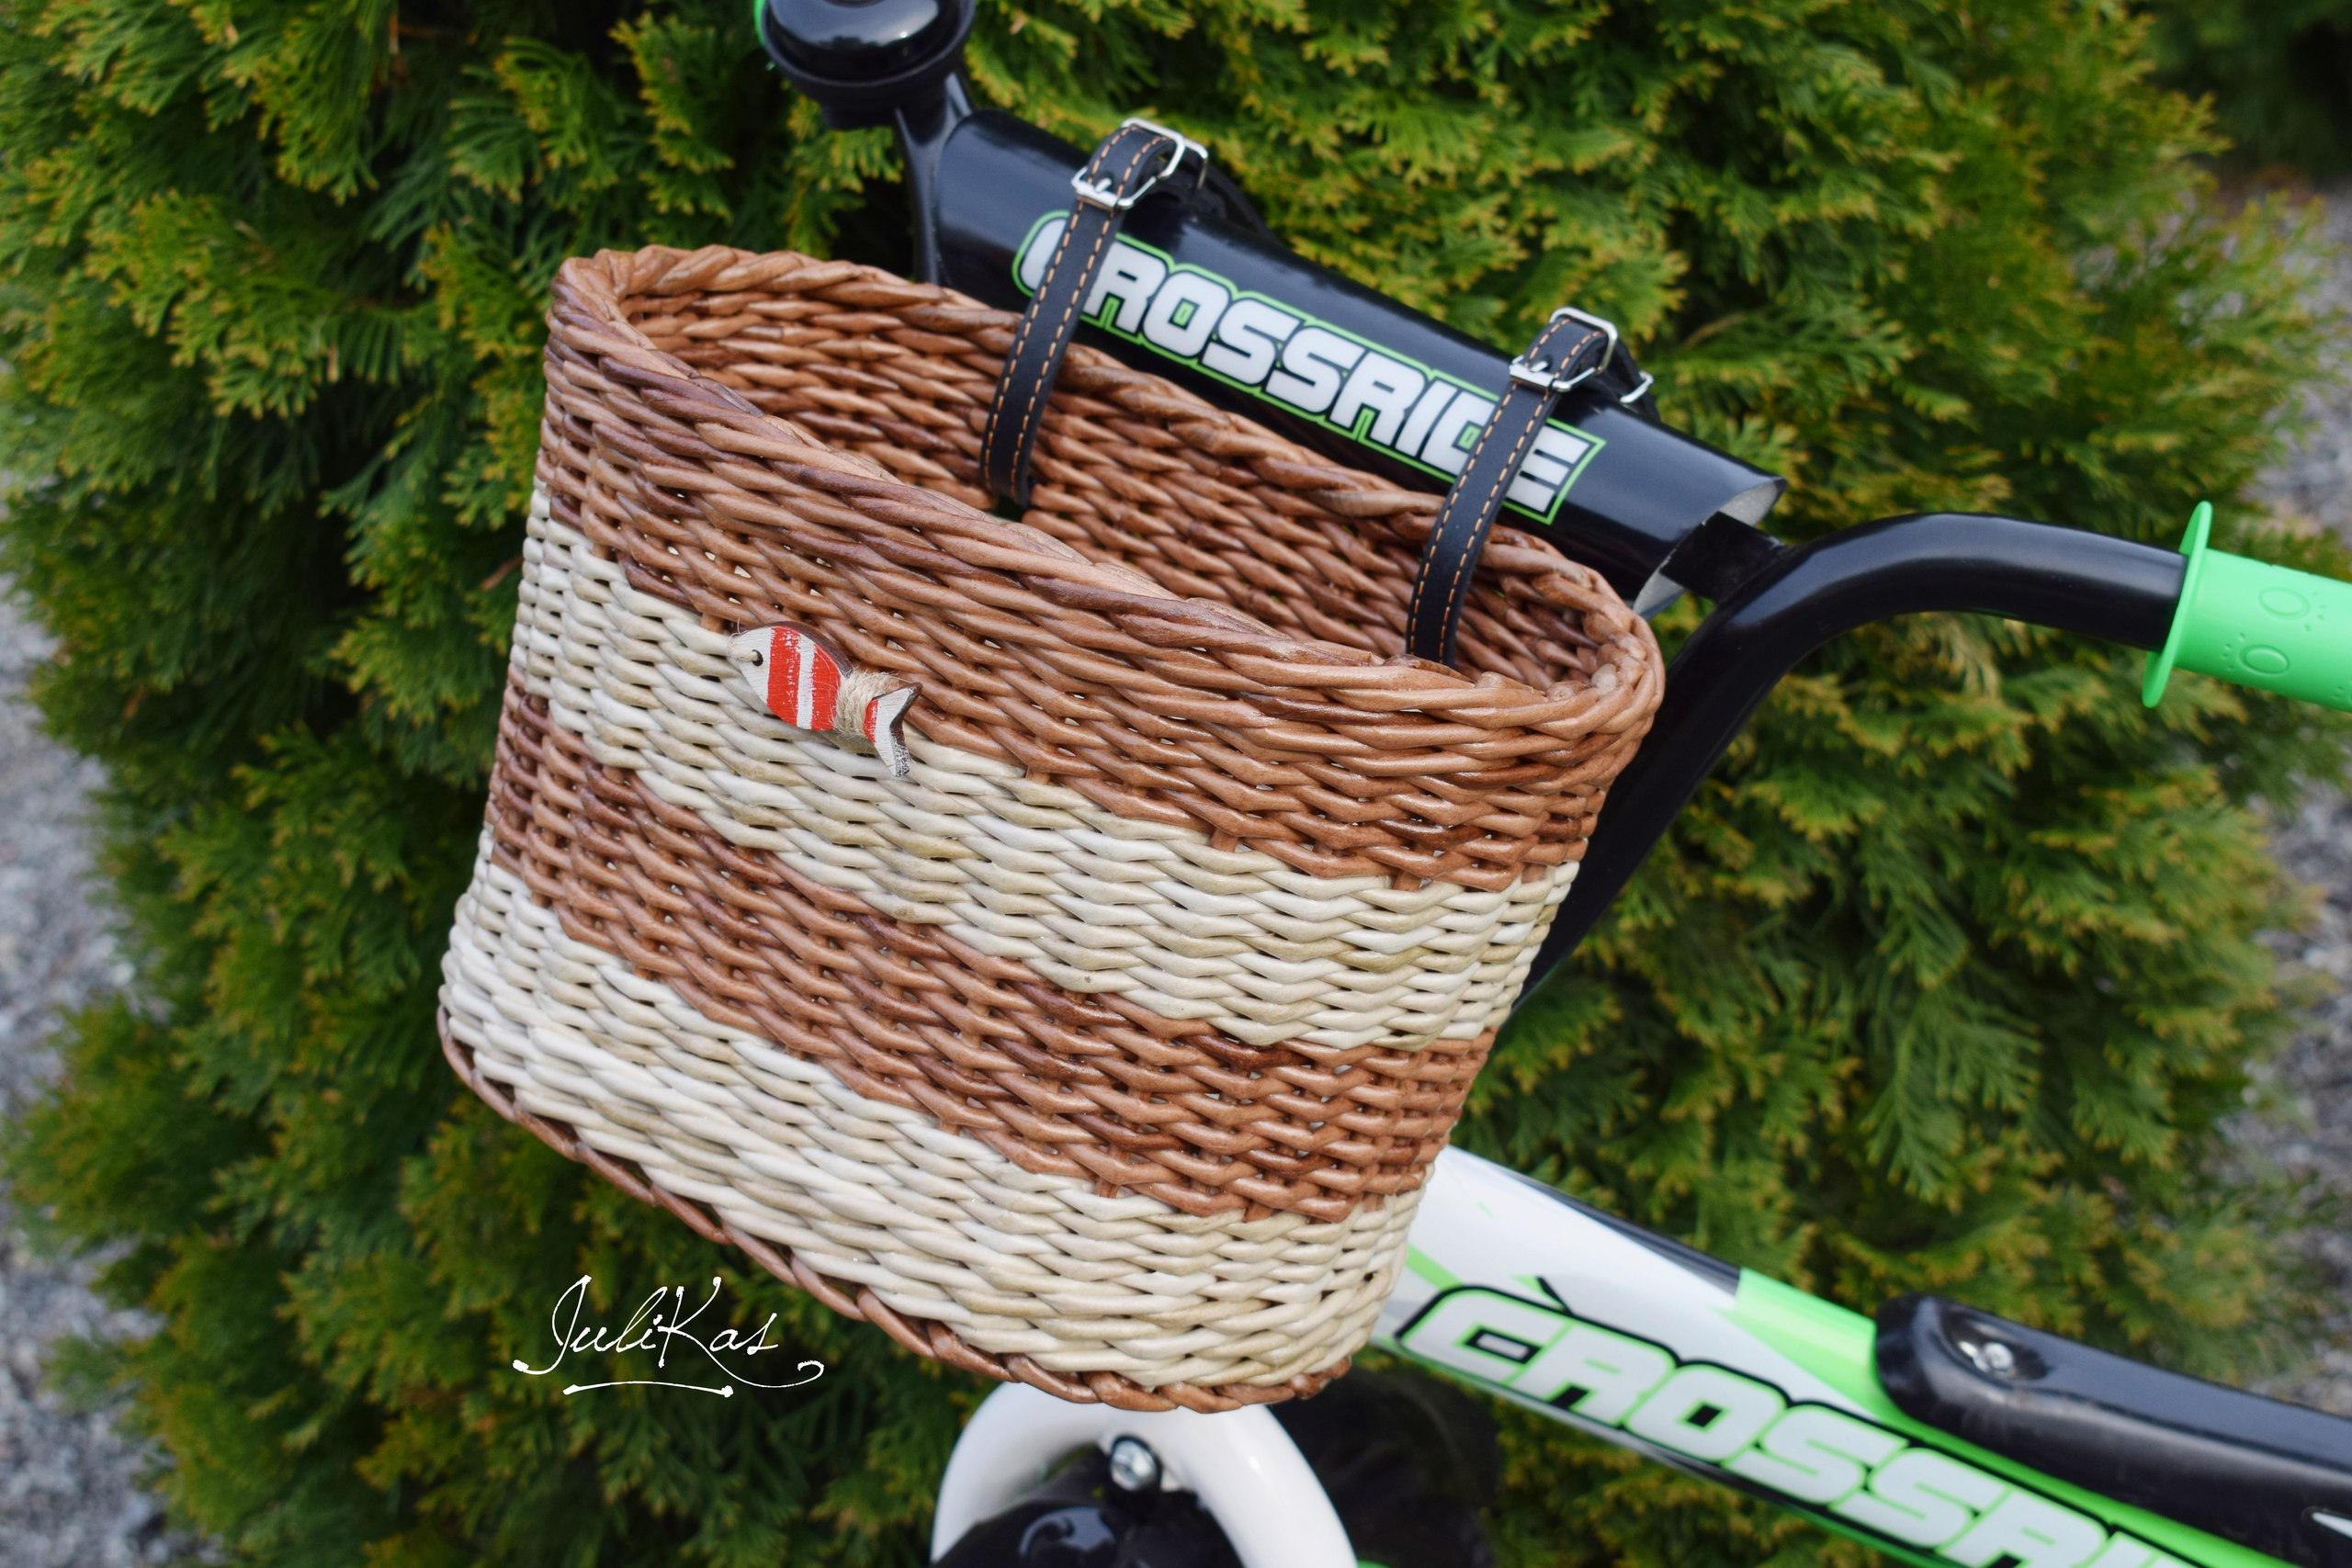 Fahrrad Korb Kinder Roter Fisch Fahrrad Korb braun